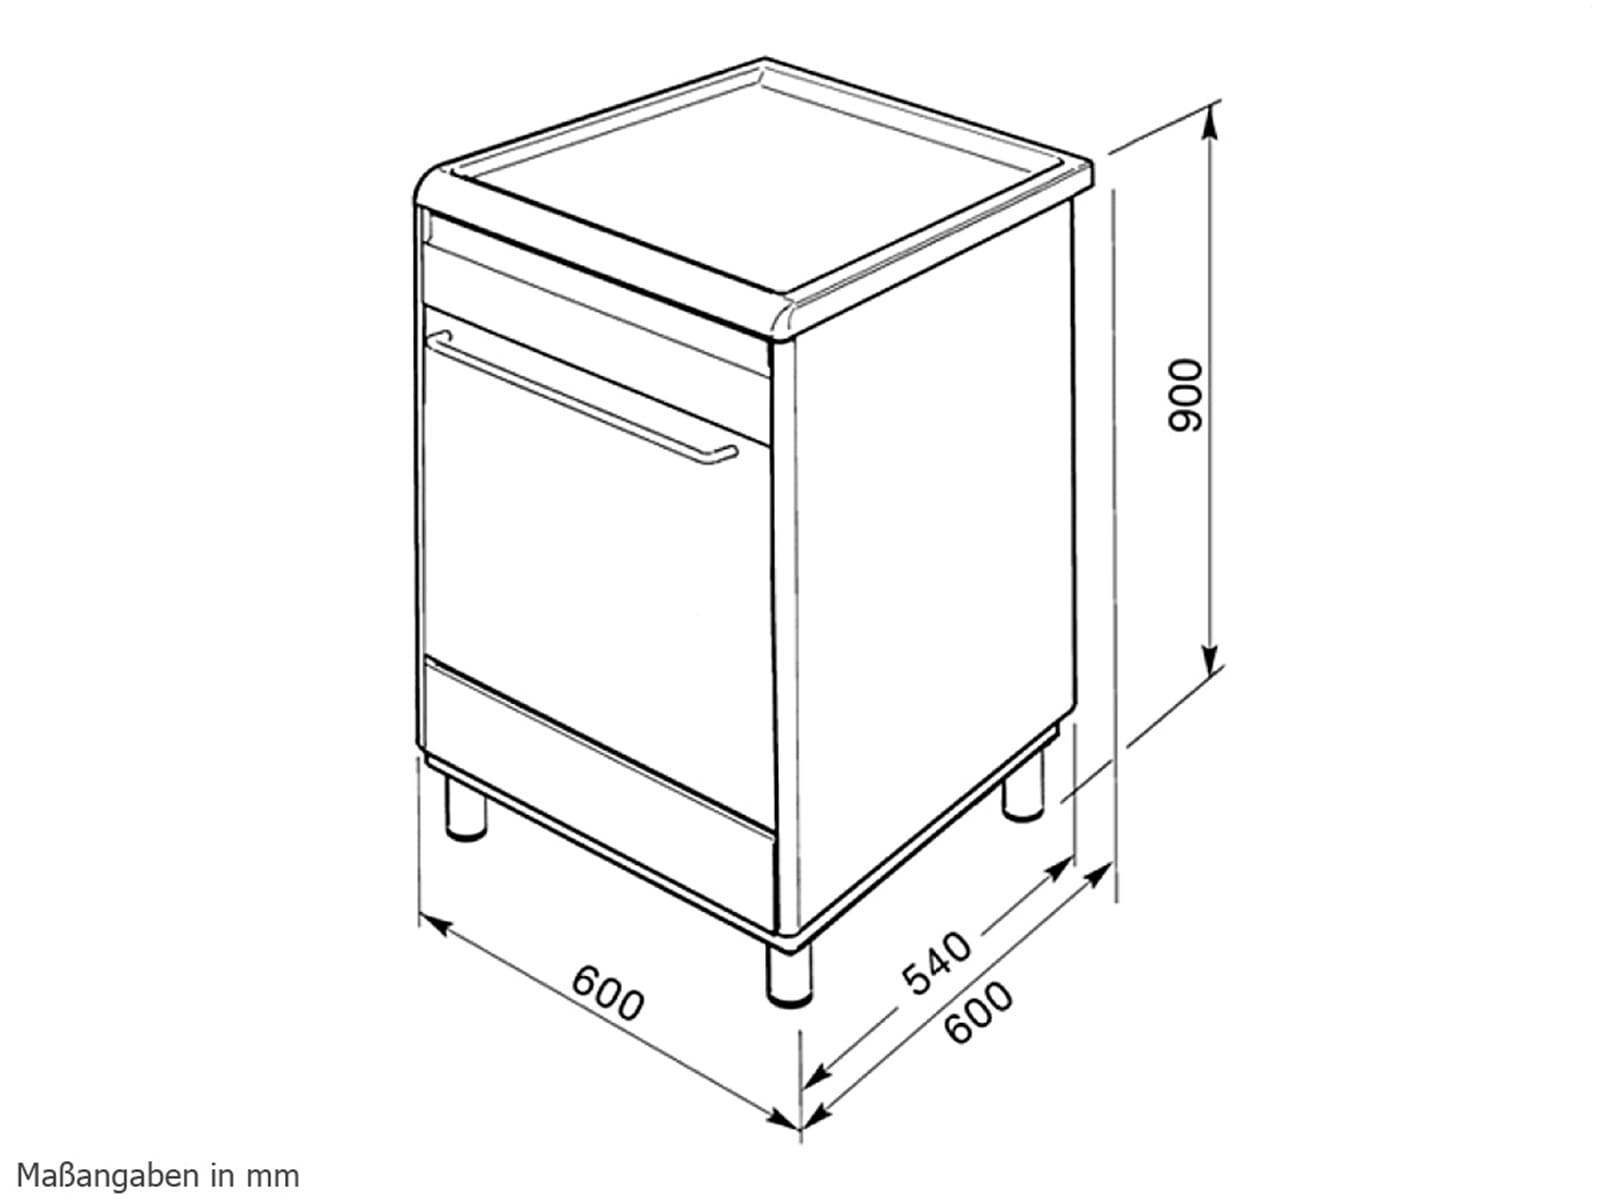 smeg scd60imx8 induktion standger t herd edelstahl. Black Bedroom Furniture Sets. Home Design Ideas